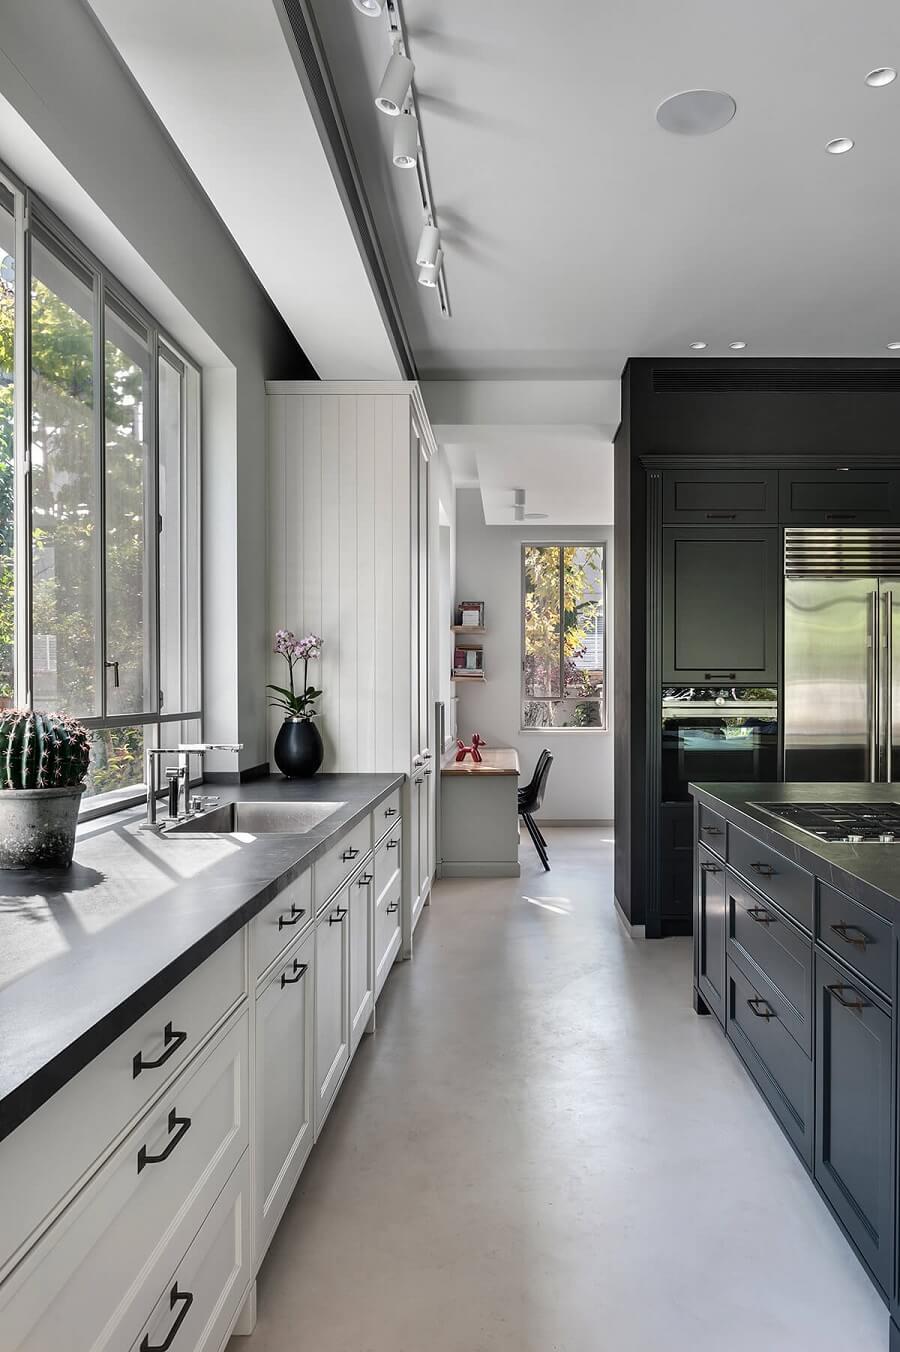 עיצוב מטבחים שחורים